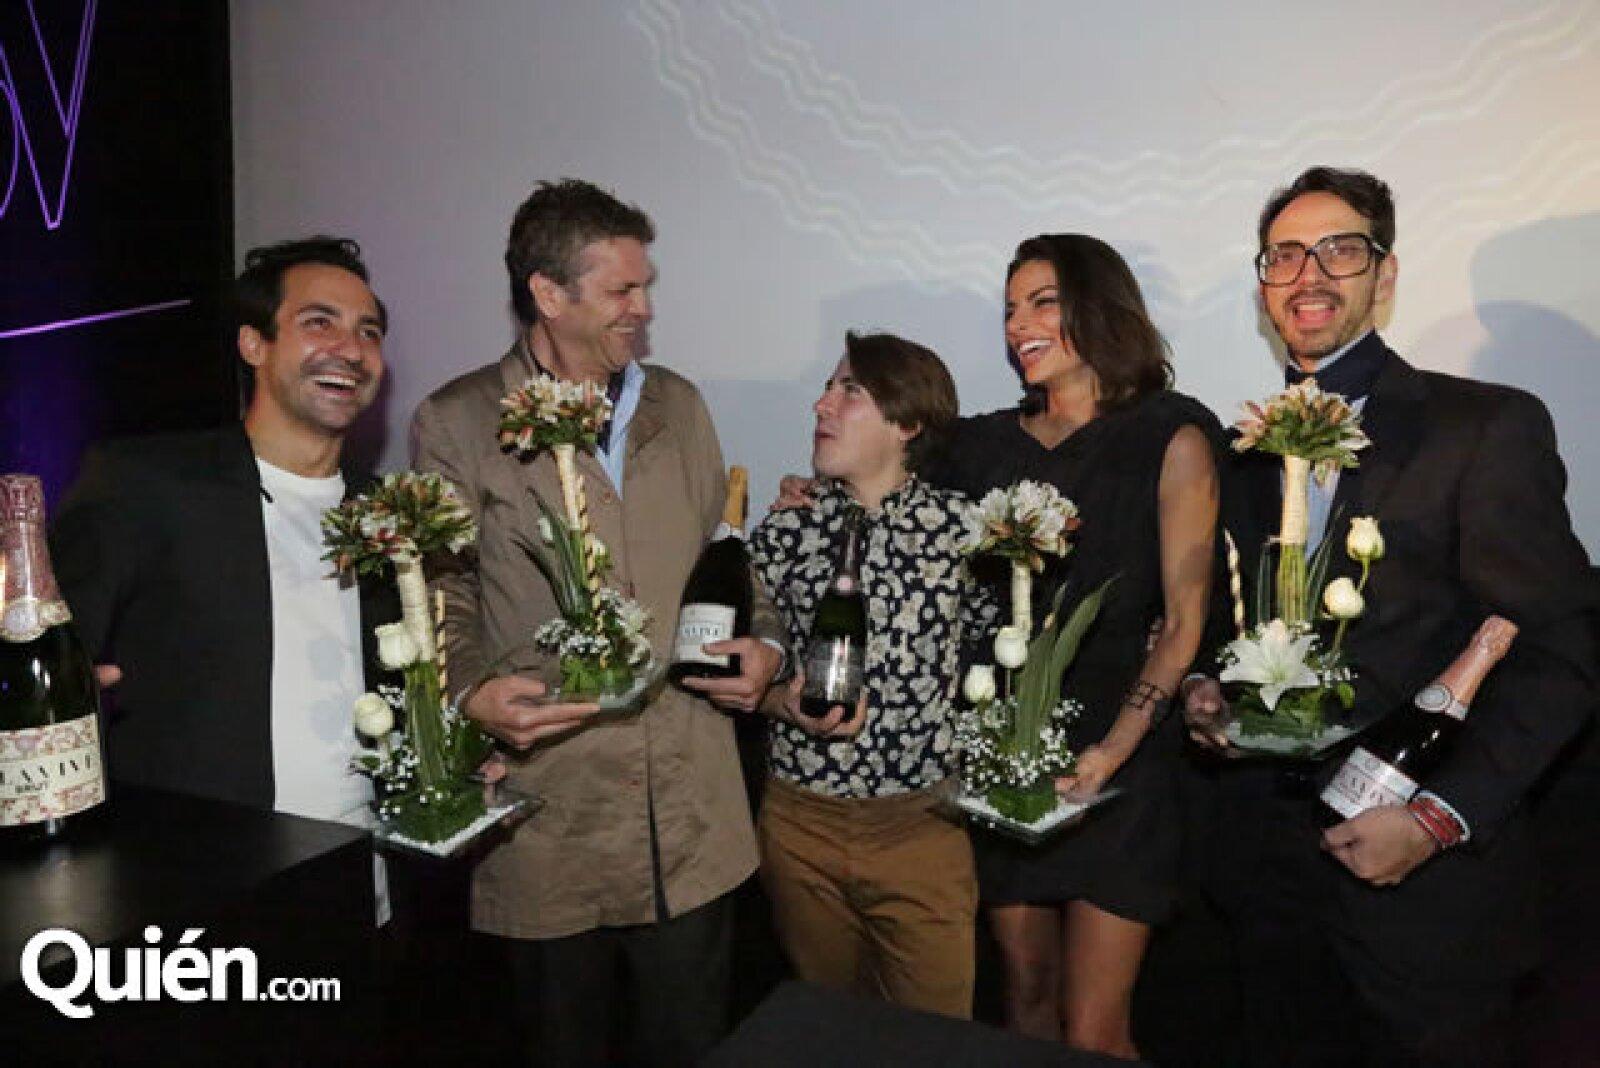 Alejandro Carlín, Mauricio Olvera, Carlos Ortega, Bárbara Coppel y Macario Jiménez